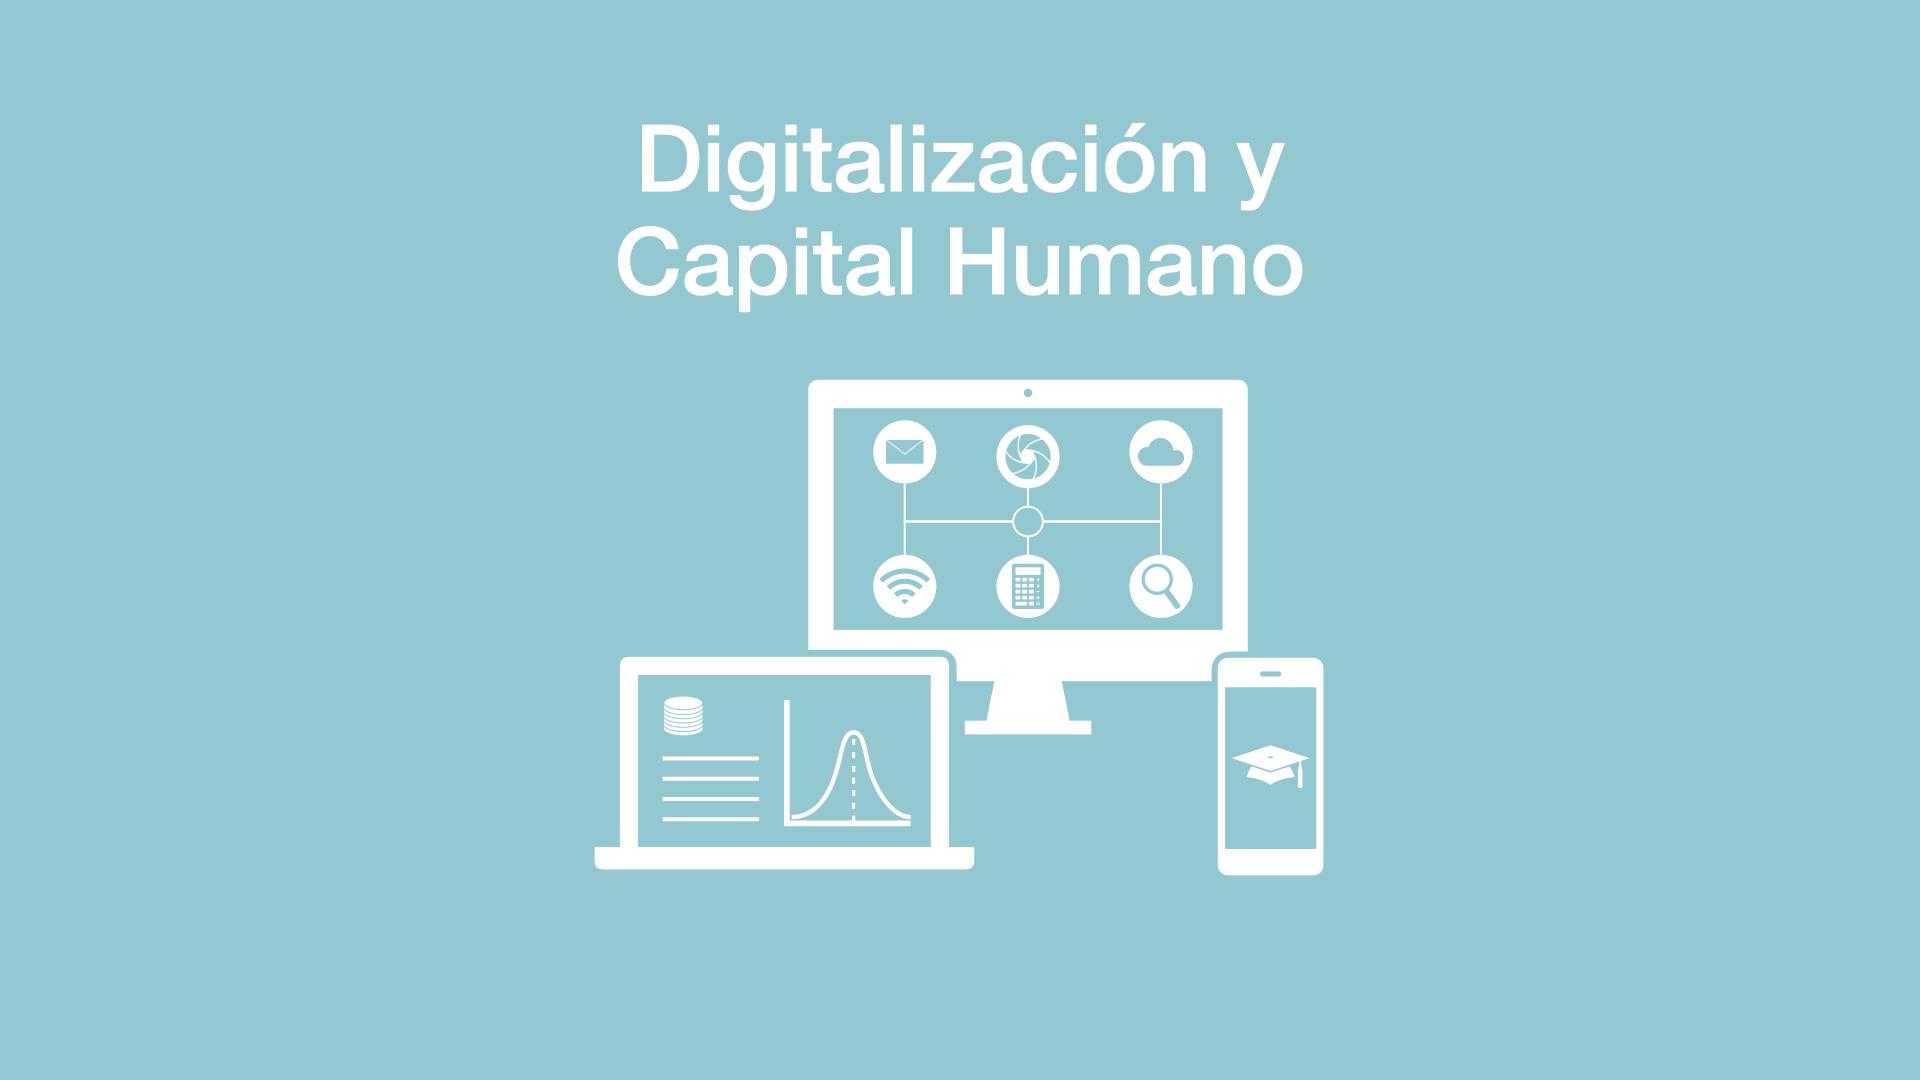 Digitalizacion y capital humano